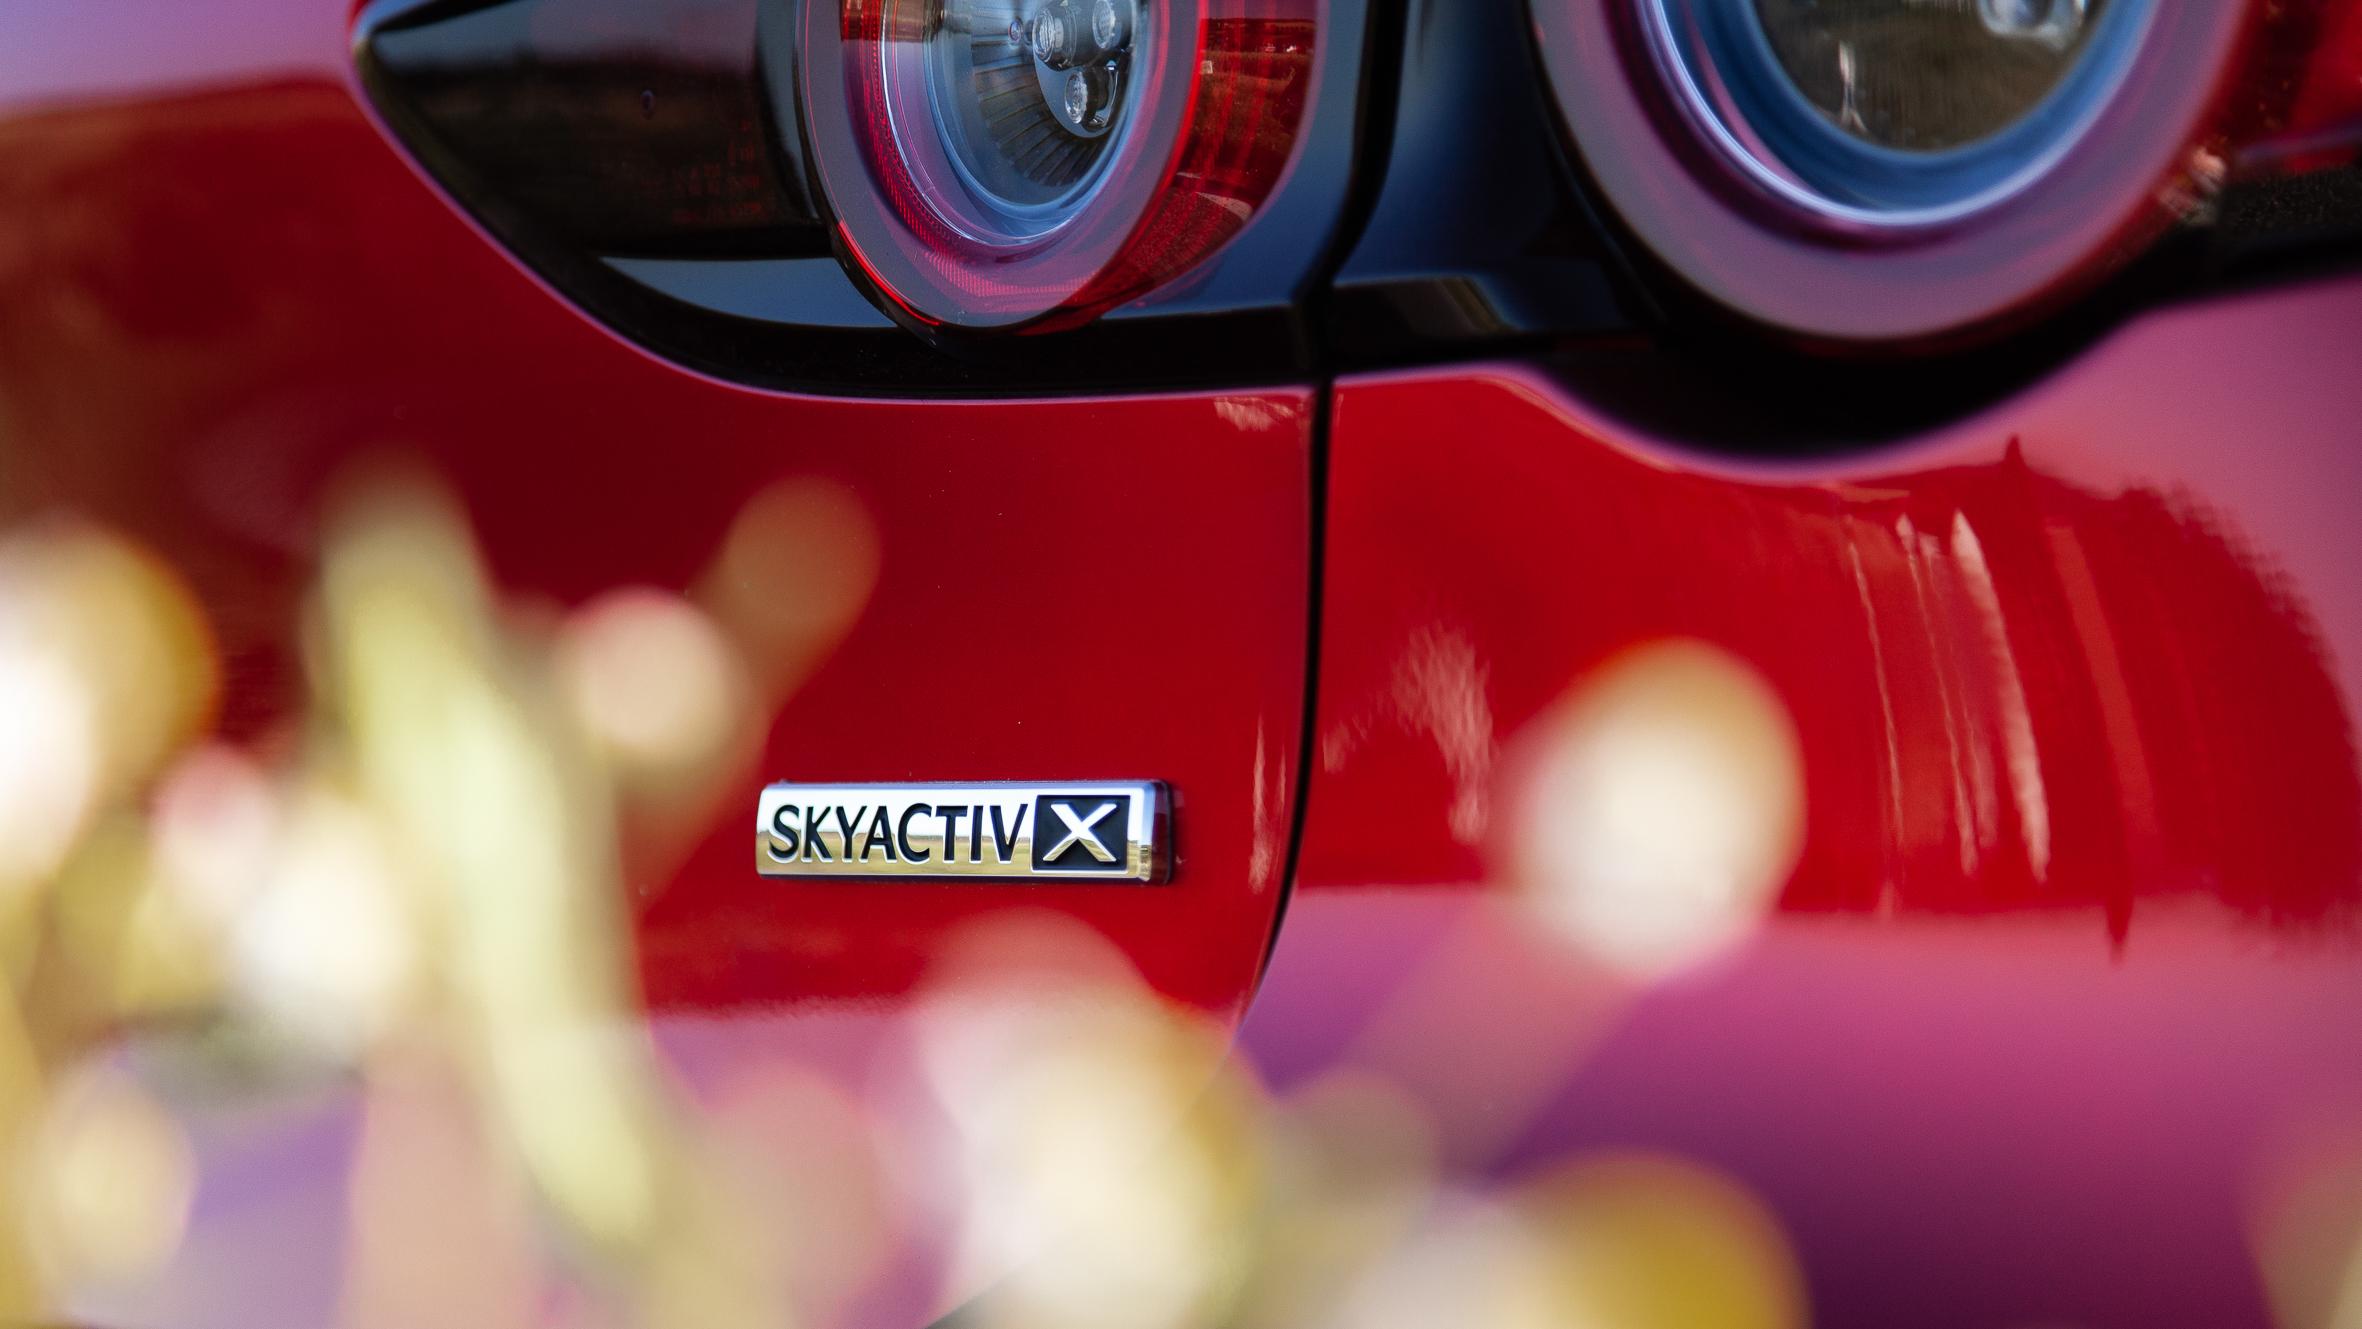 All-new Mazda 3 Skyactiv-X badge